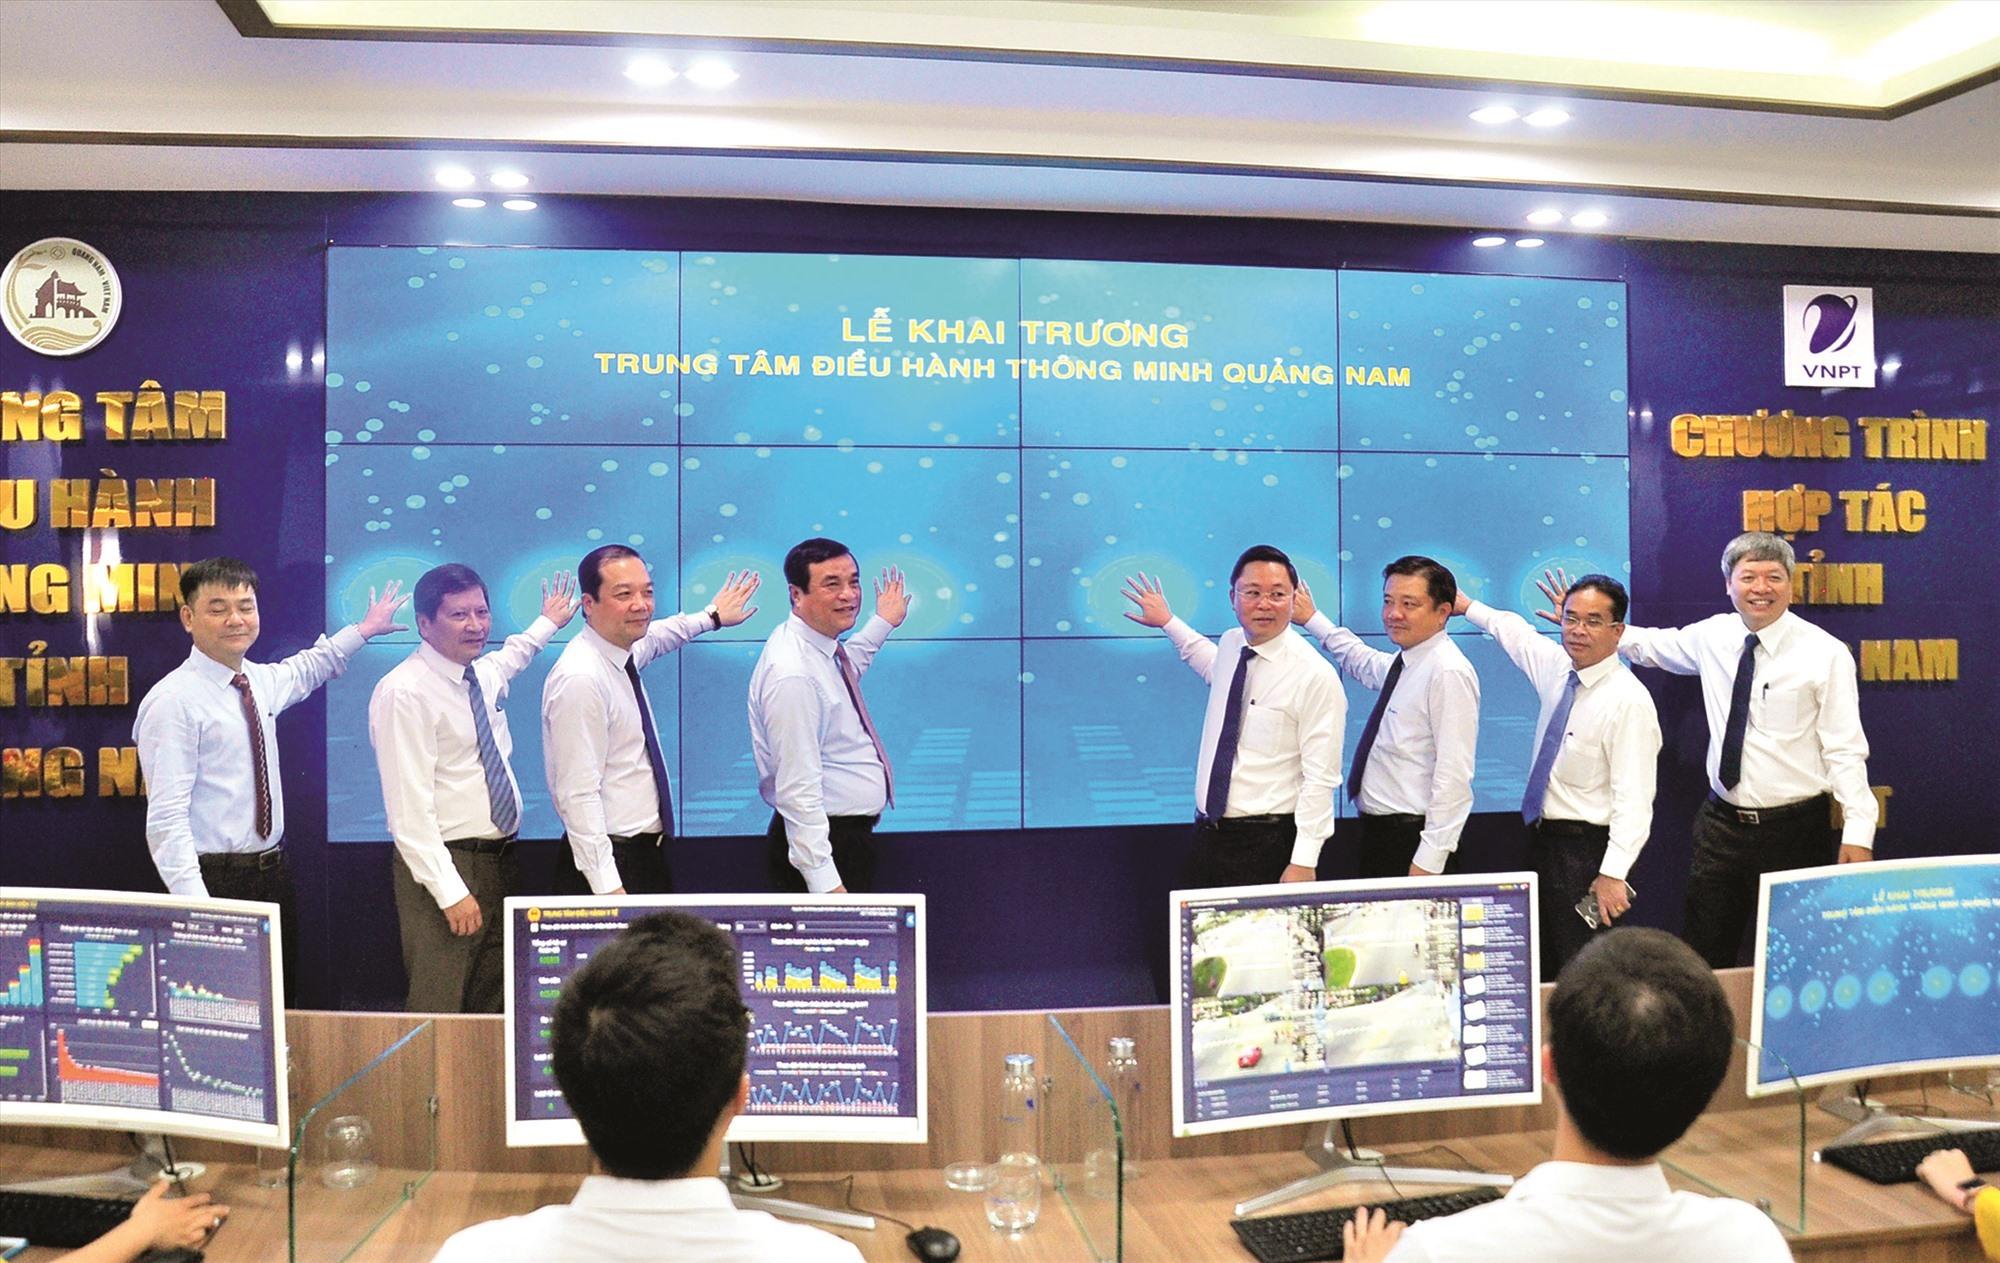 Lãnh đạo tỉnh khai trương Trung tâm Điều hành thông minh Quảng Nam. Ảnh: VINH ANH